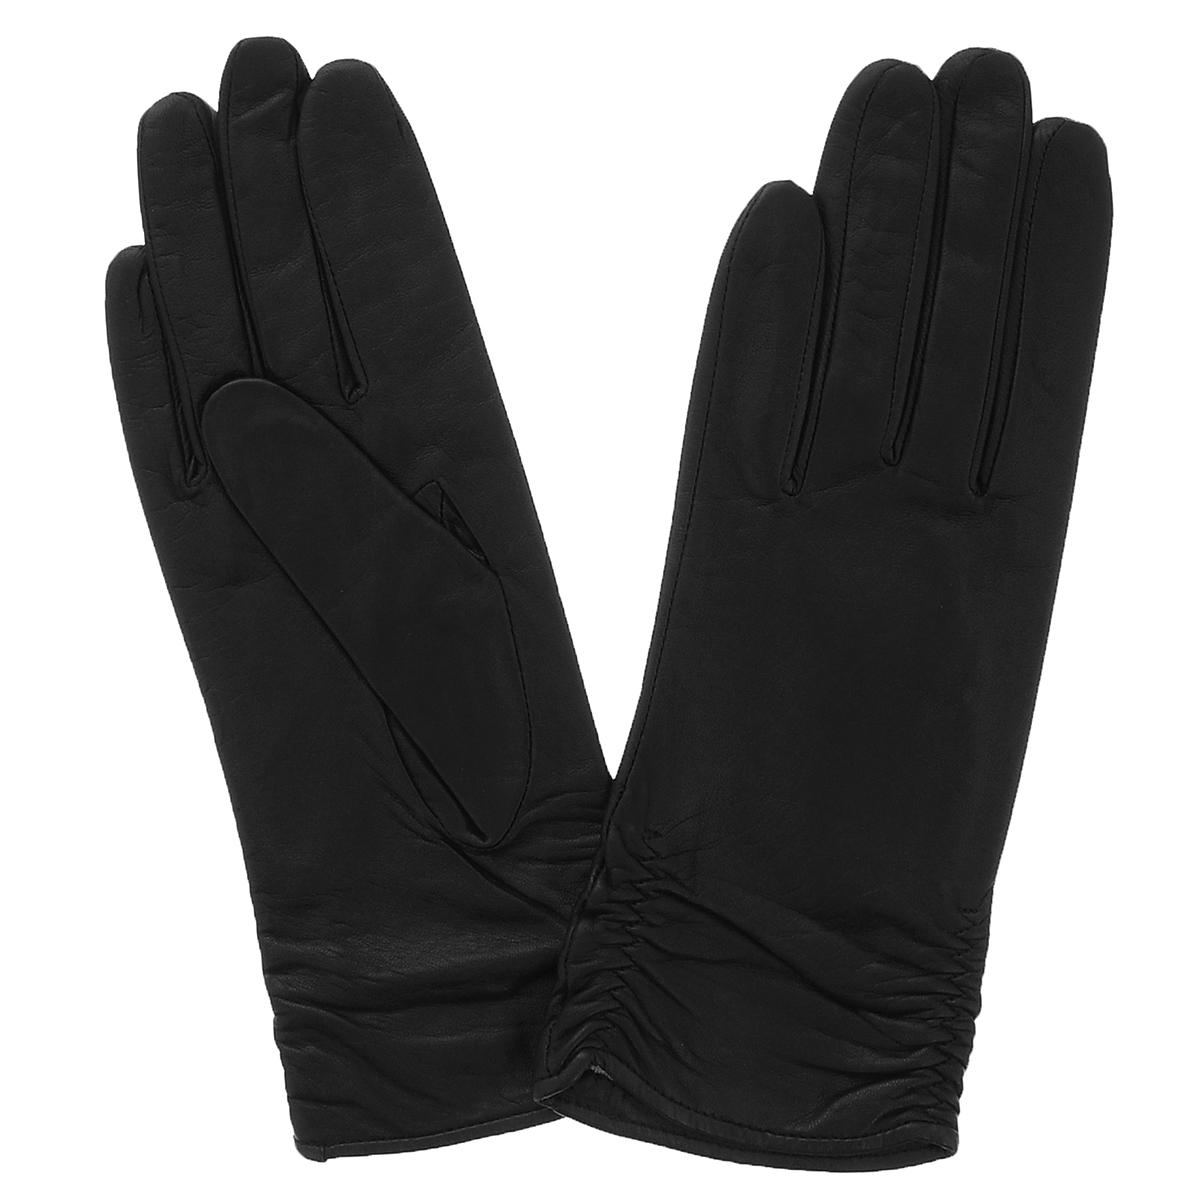 Перчатки13_ASTRA/BL//11Стильные женские перчатки Dali Exclusive выполнены из мягкой и приятной на ощупь натуральной кожи ягненка с подкладкой из 100% шерсти. Манжеты по боковому шву собраны на резинку. Такие перчатки подчеркнут ваш стиль и неповторимость.